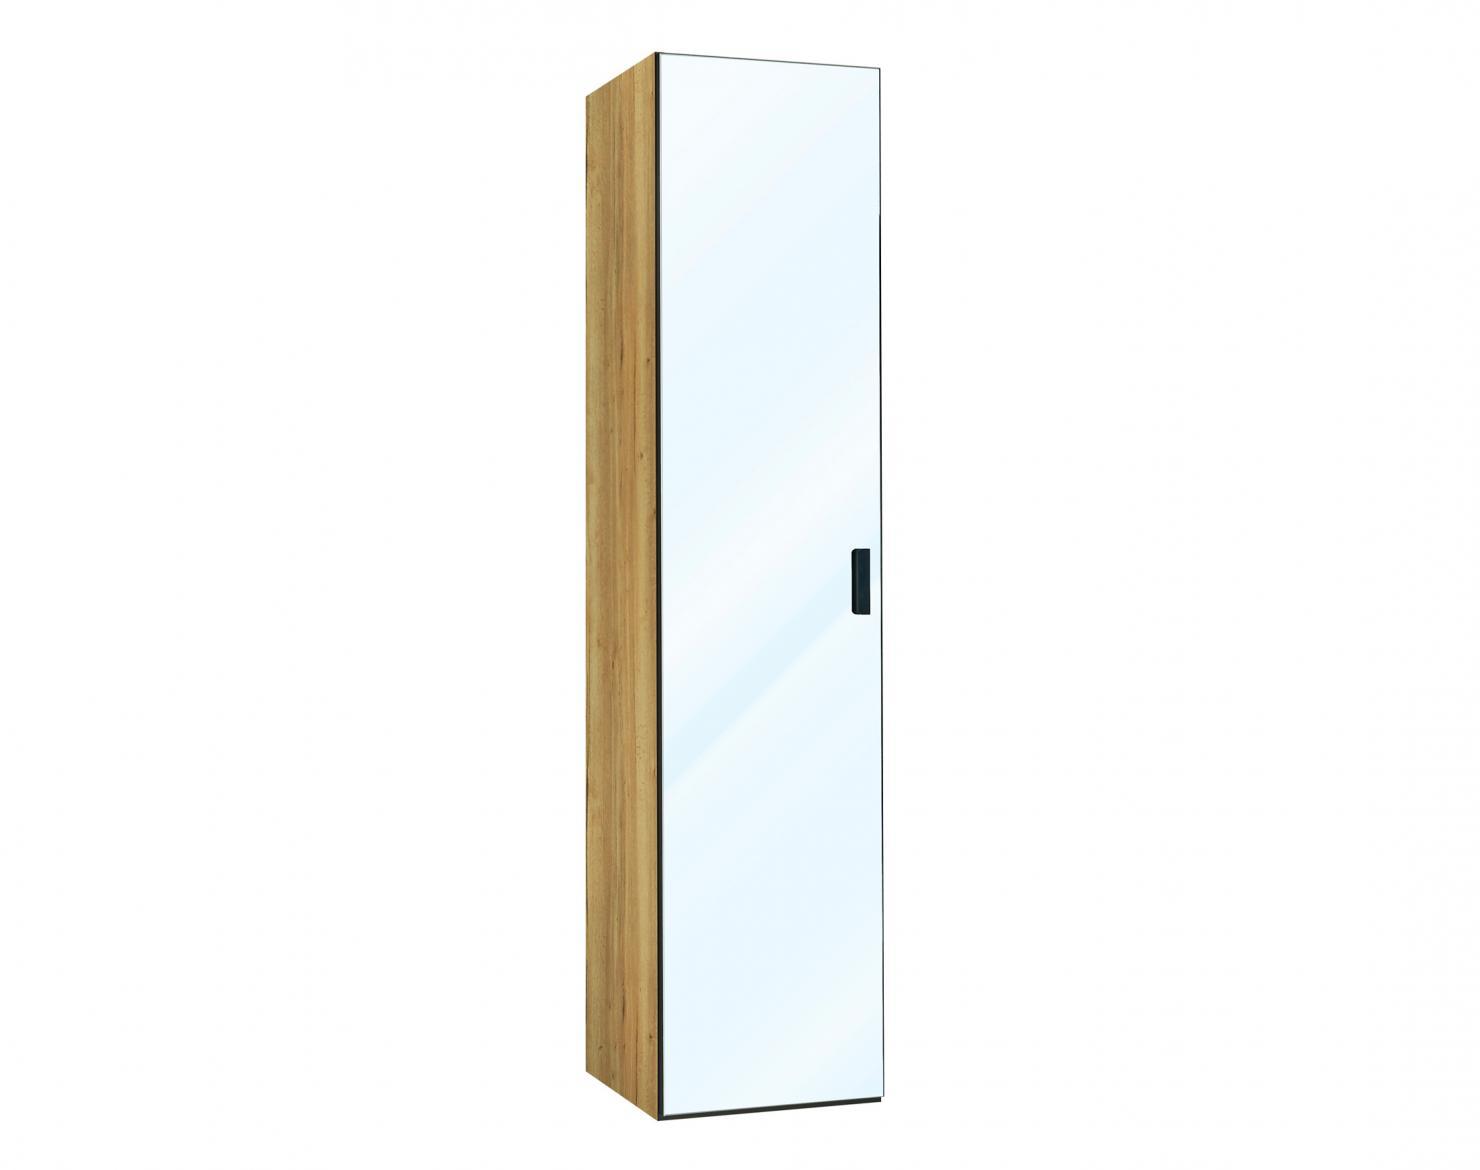 armoire 1 porte battante miroir